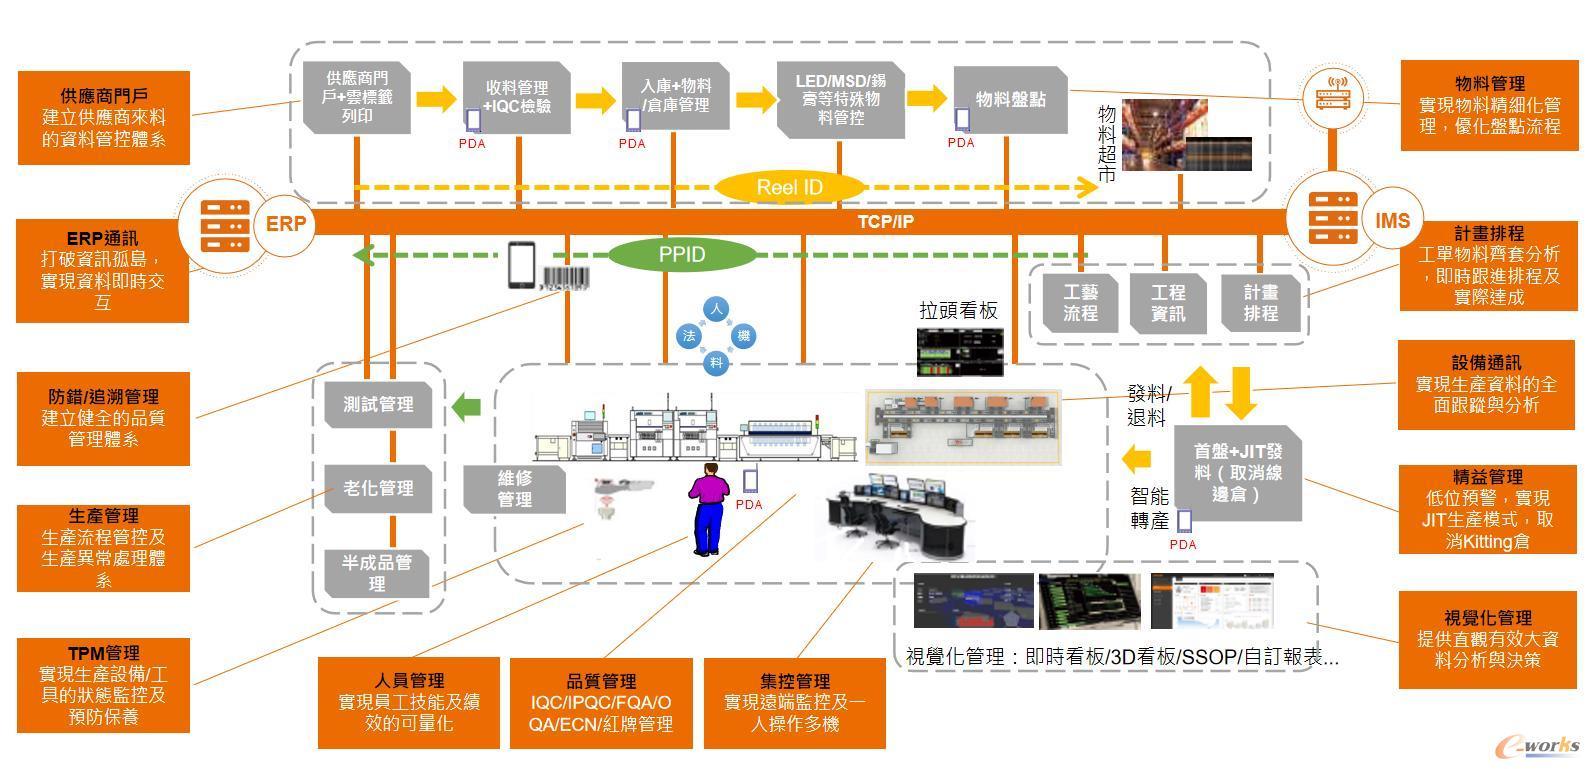 电子企业IMS项目